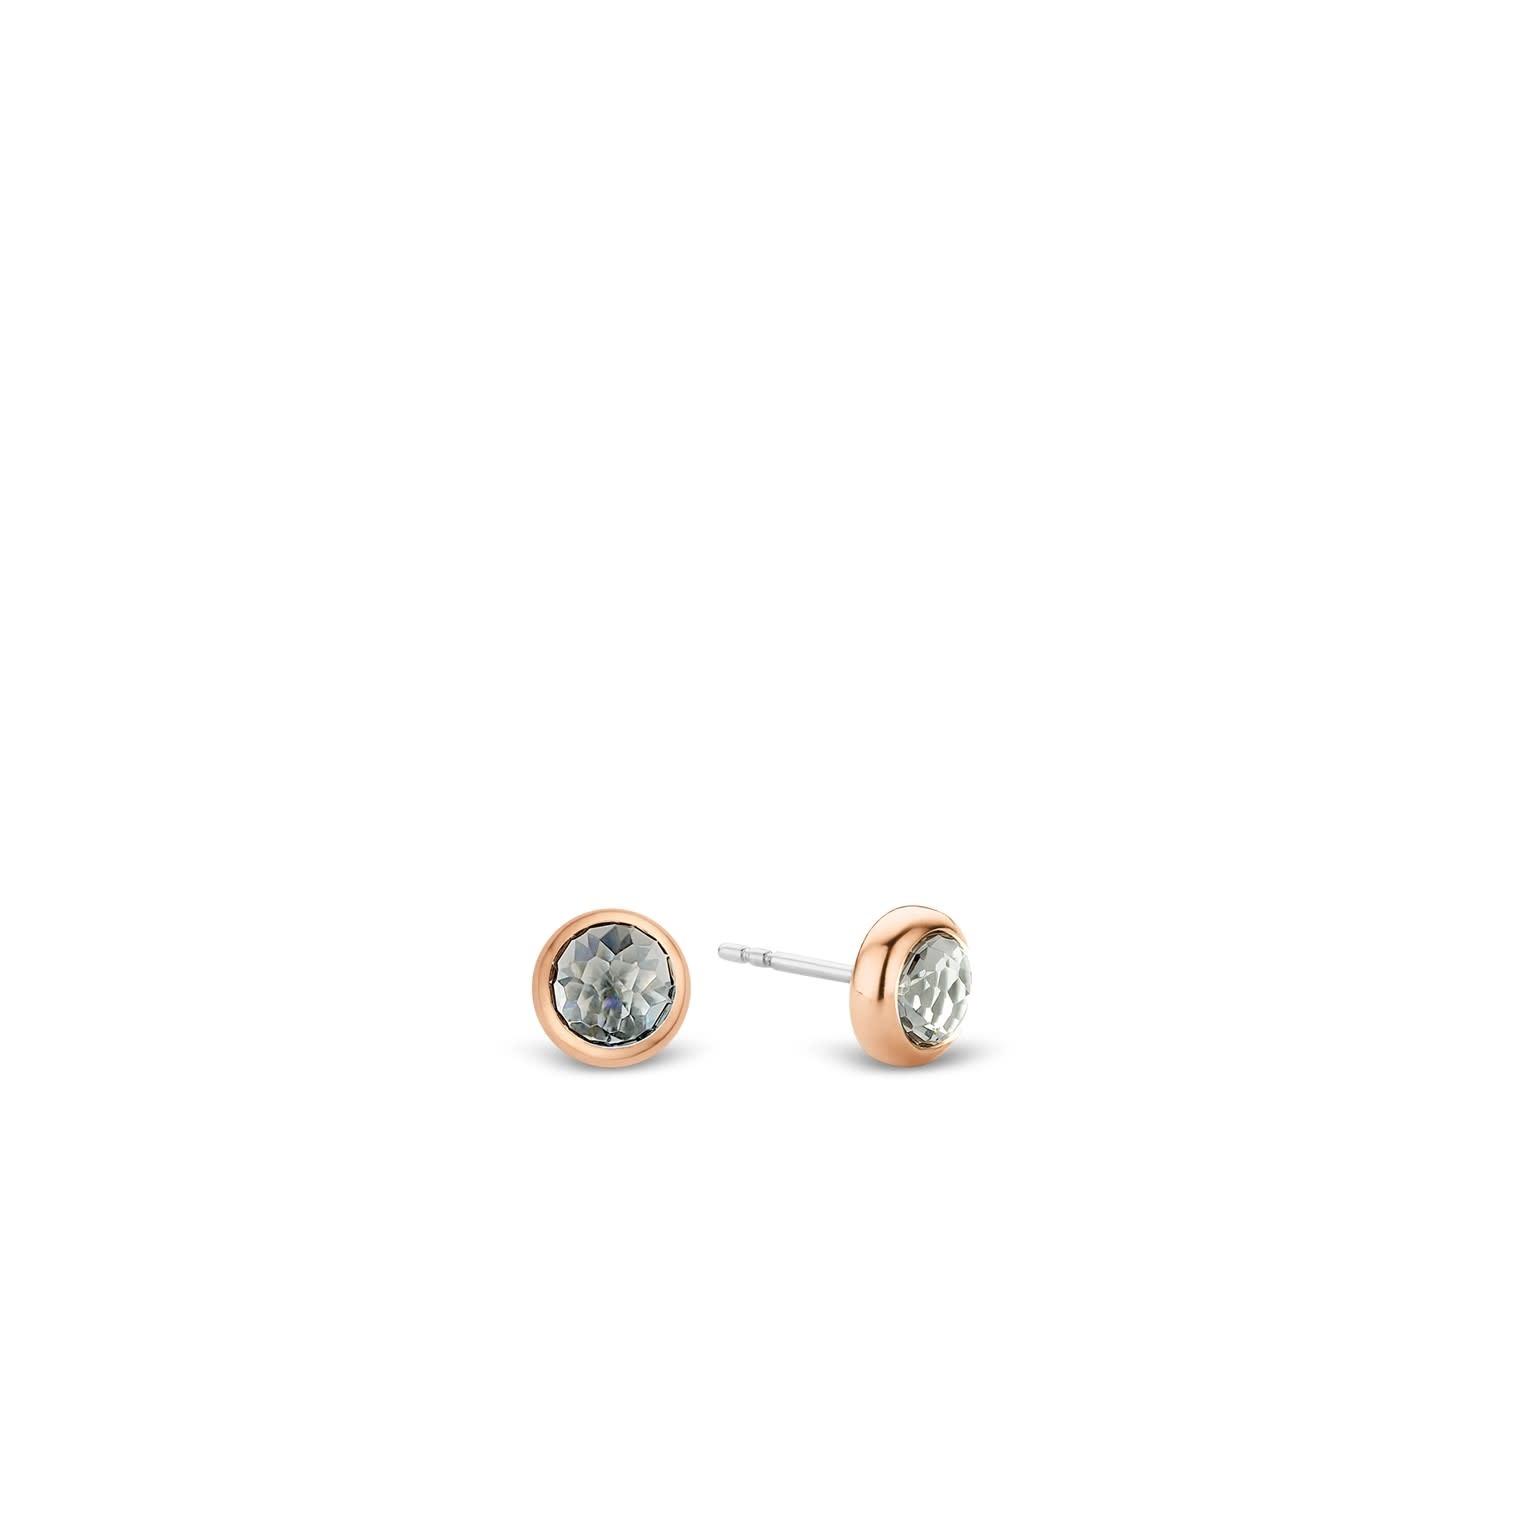 TI SENTO - Milano Earrings 7748GB-1